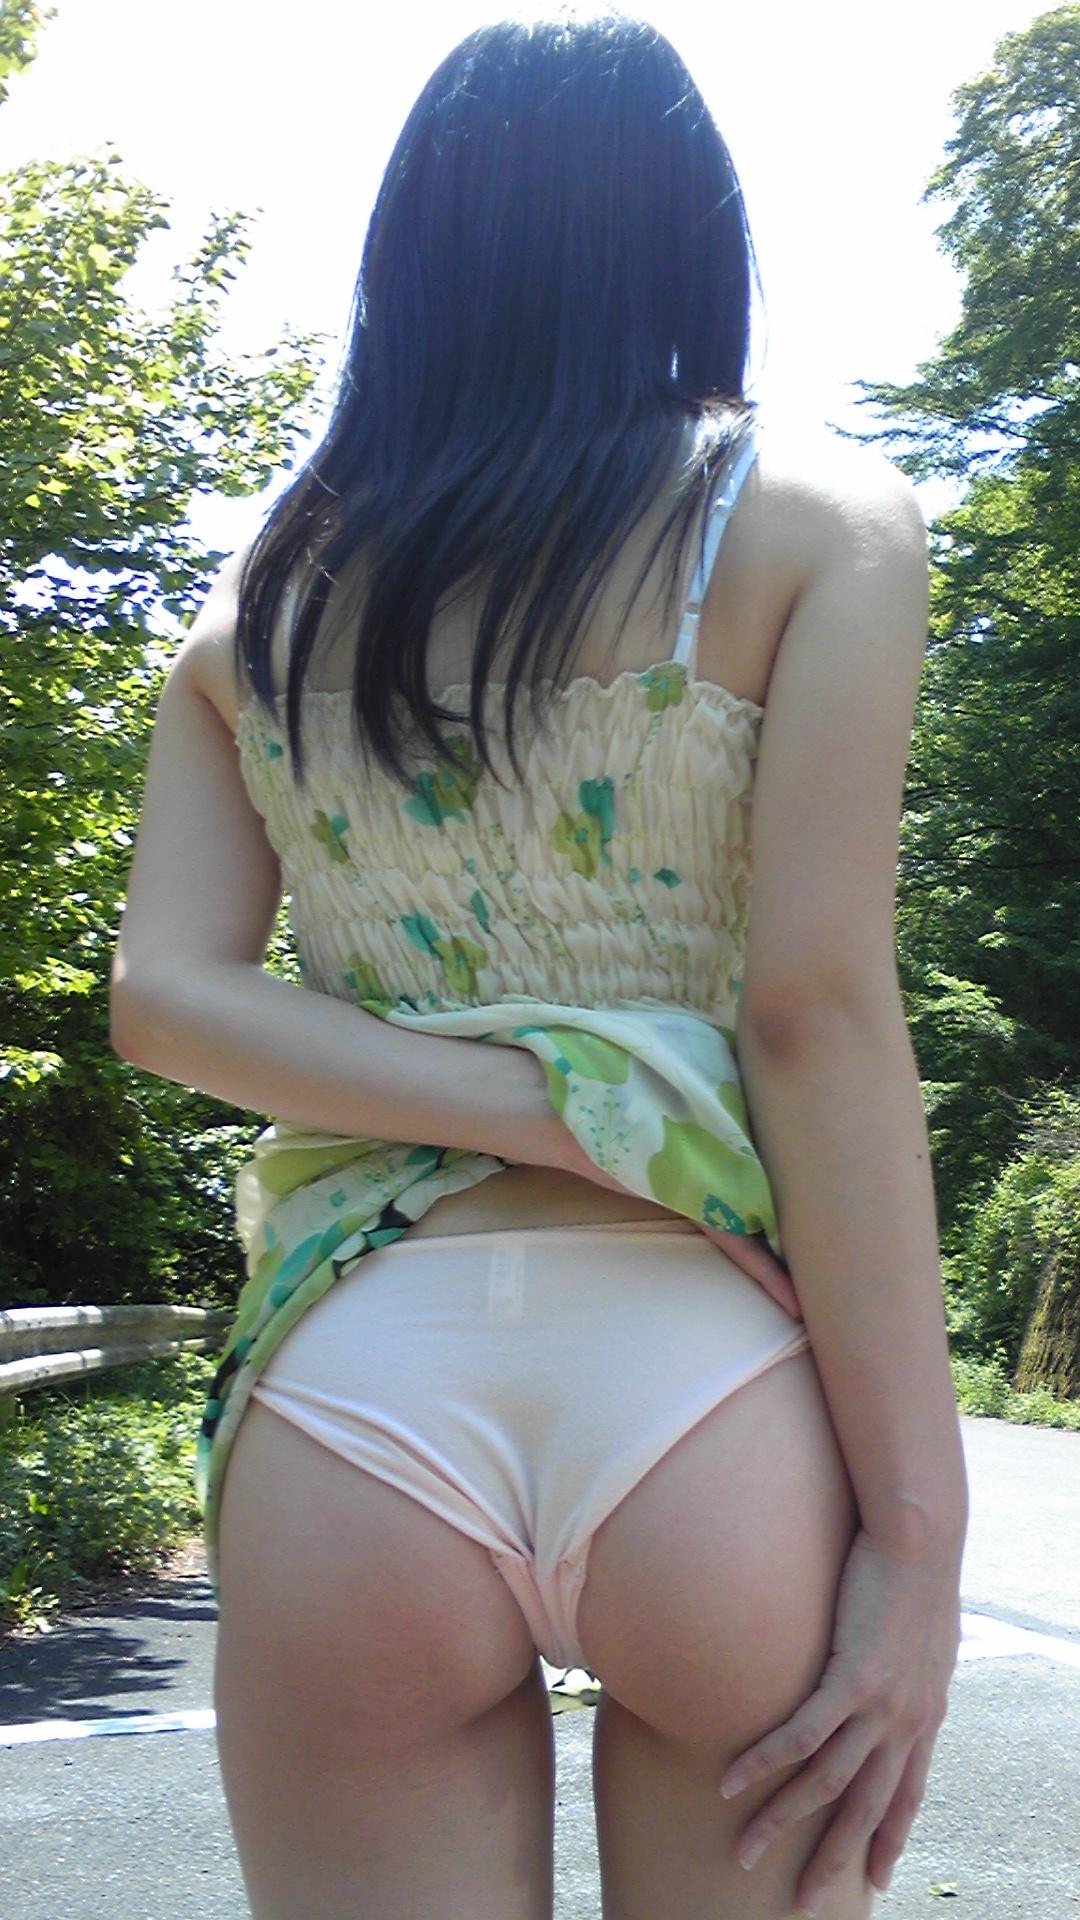 【着衣尻エロ画像】Tバックもいいけど普通の下着を履かせても素晴らしい着衣の美尻www 13